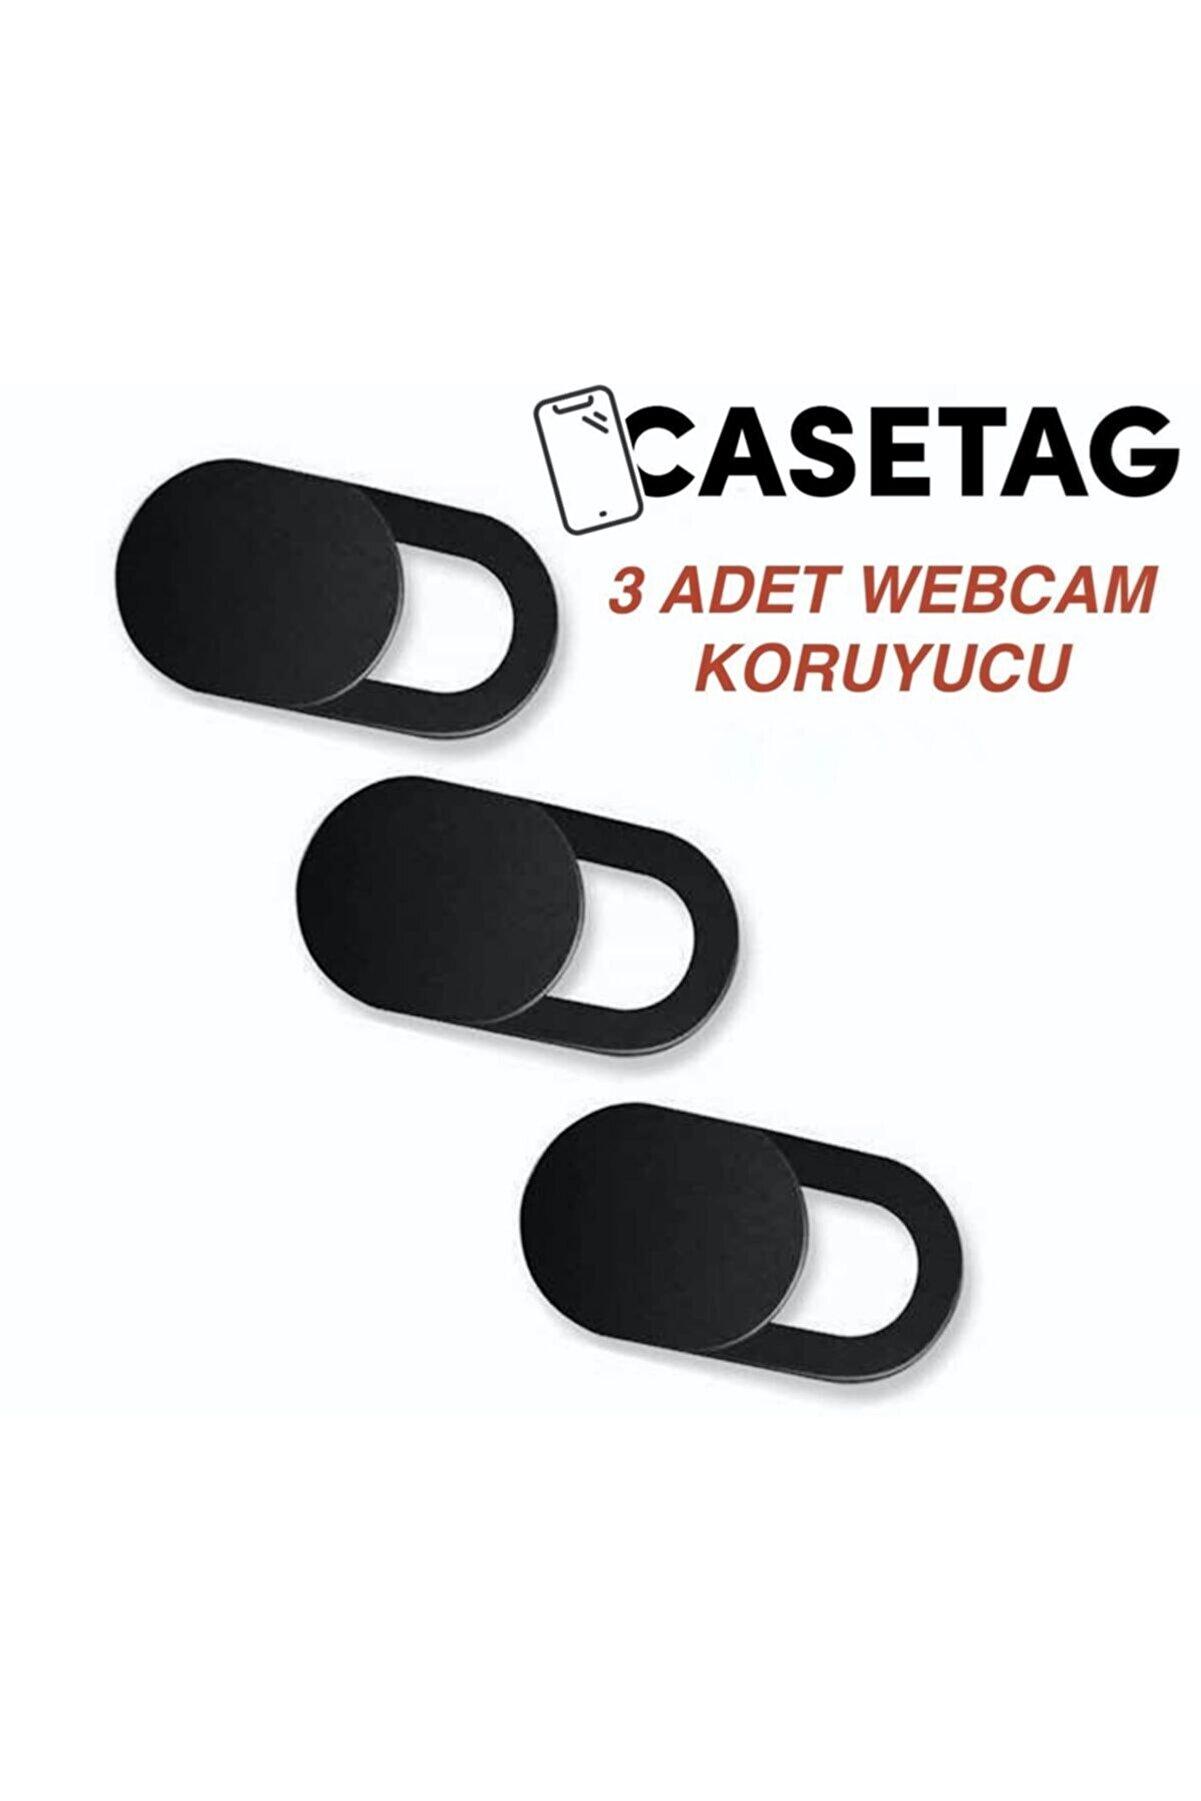 CASETAG TÜRKİYE Webcam Koruyucu